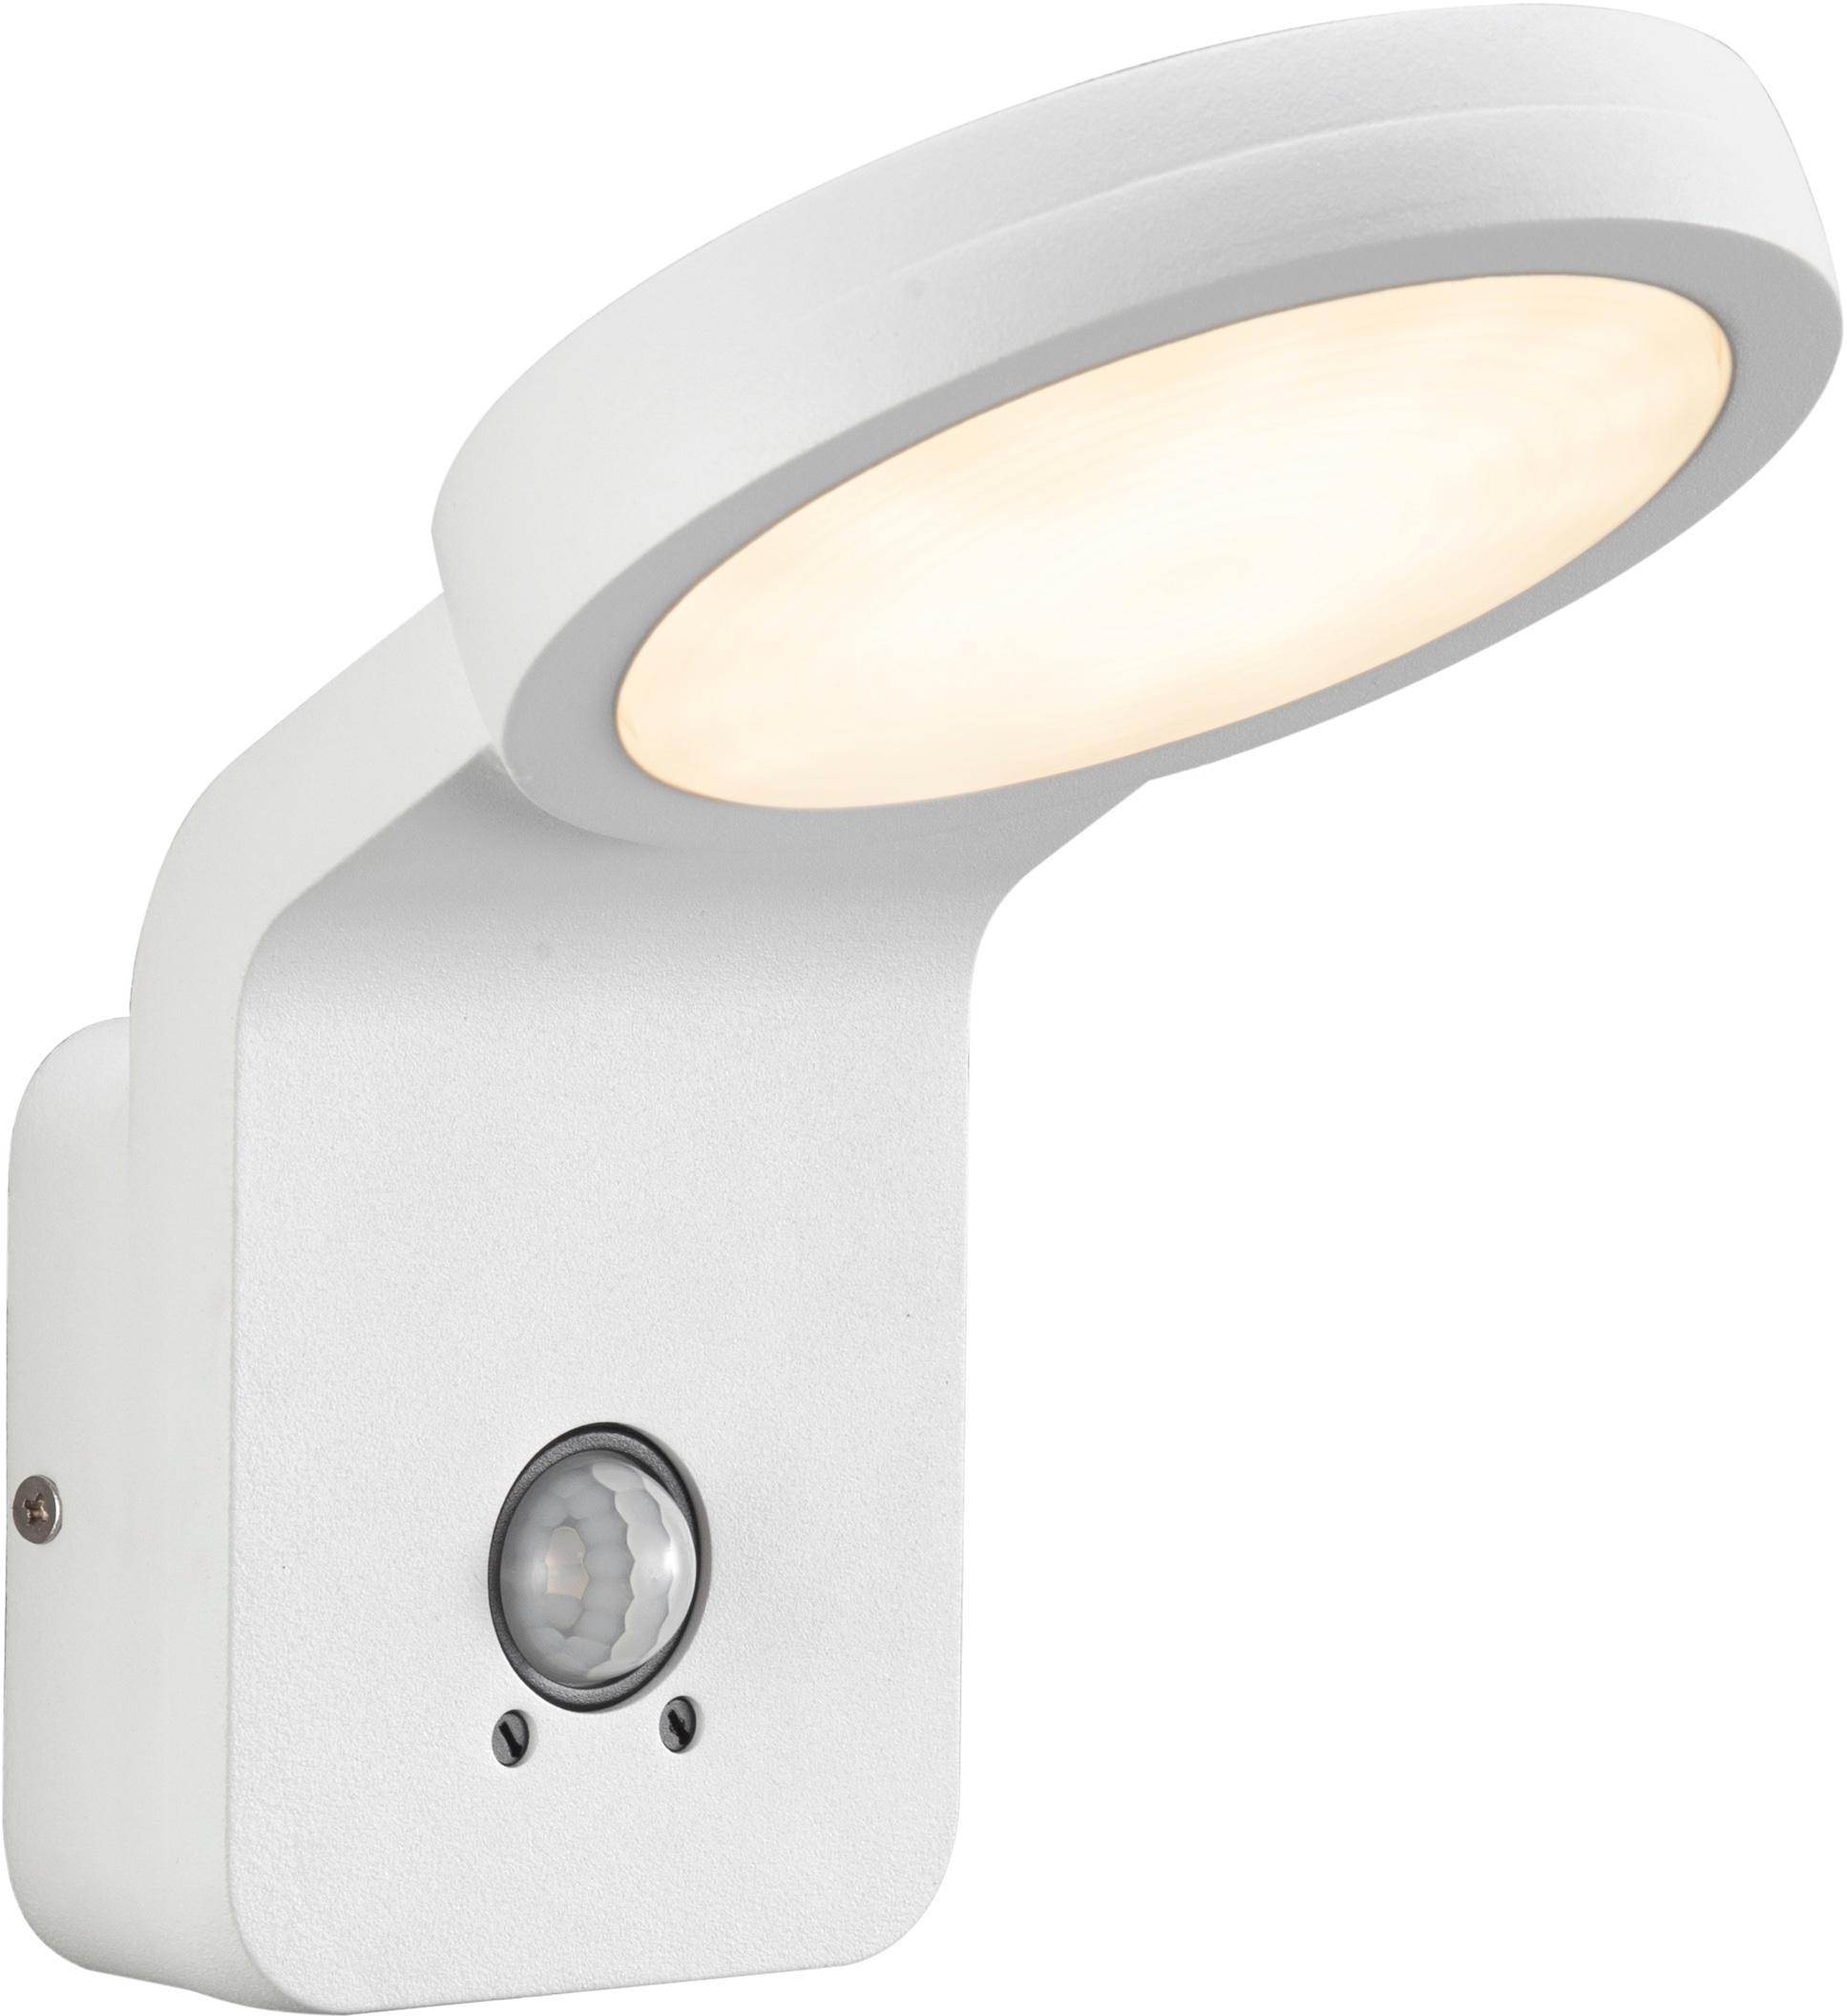 Nordlux LED Außen-Wandleuchte Marina Flatline Pir Sensor, LED-Board, Warmweiß, mit Bewegungsmelder